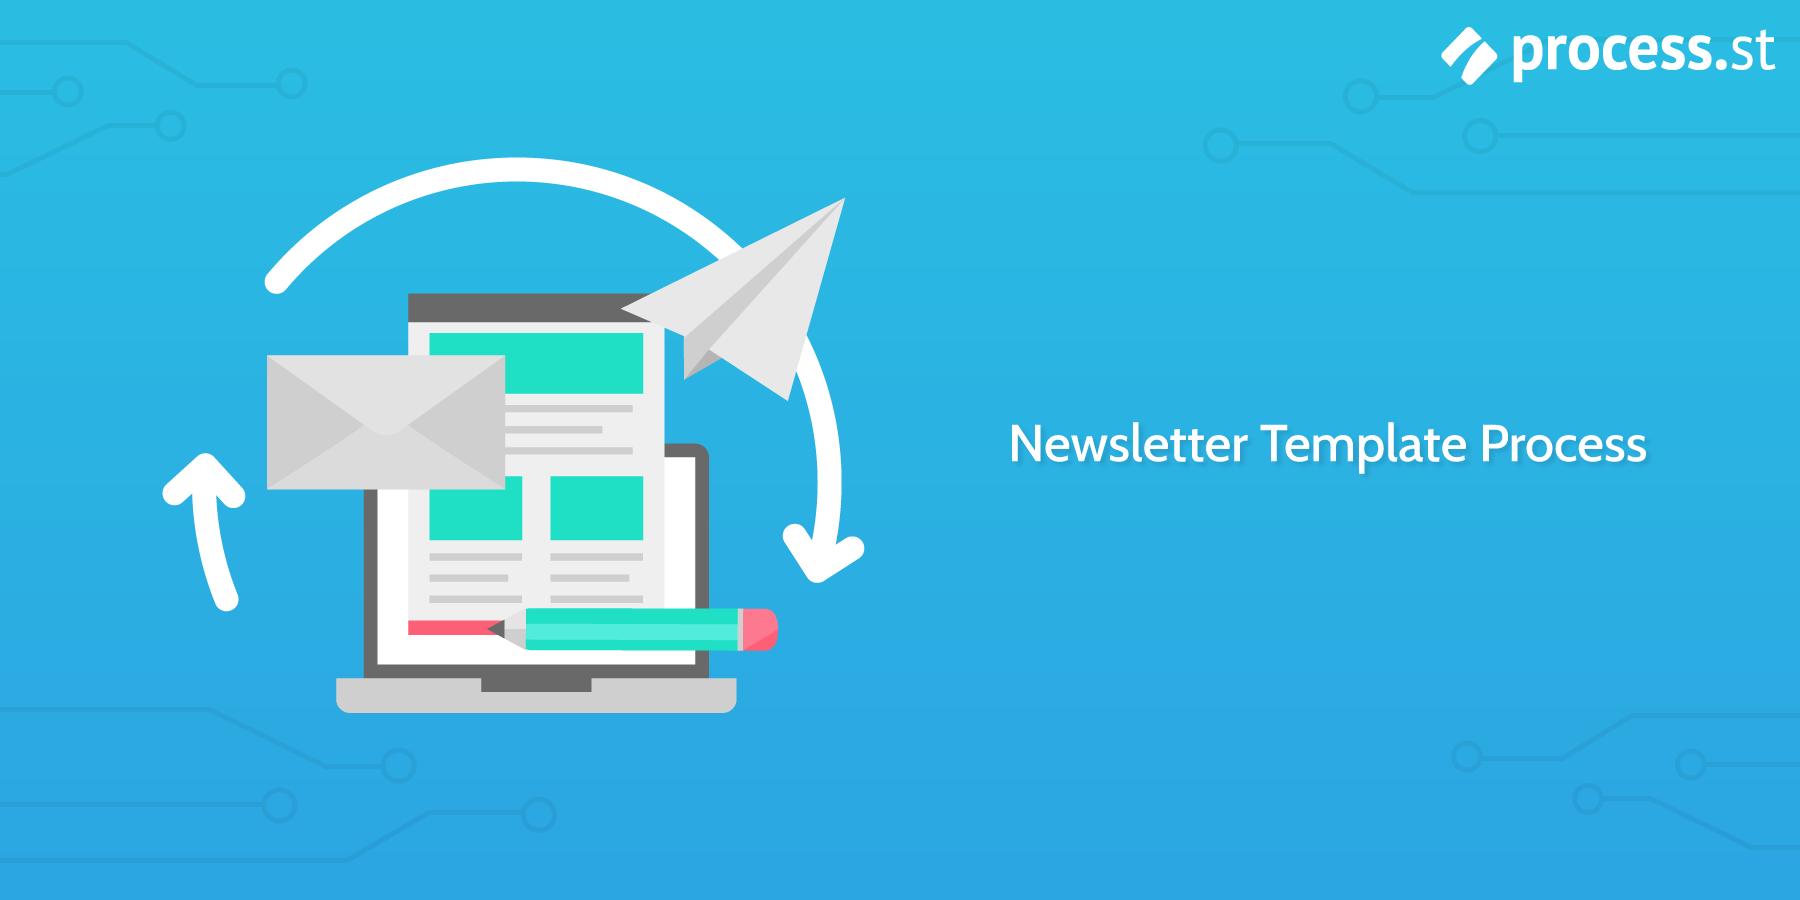 Newsletter Template Process